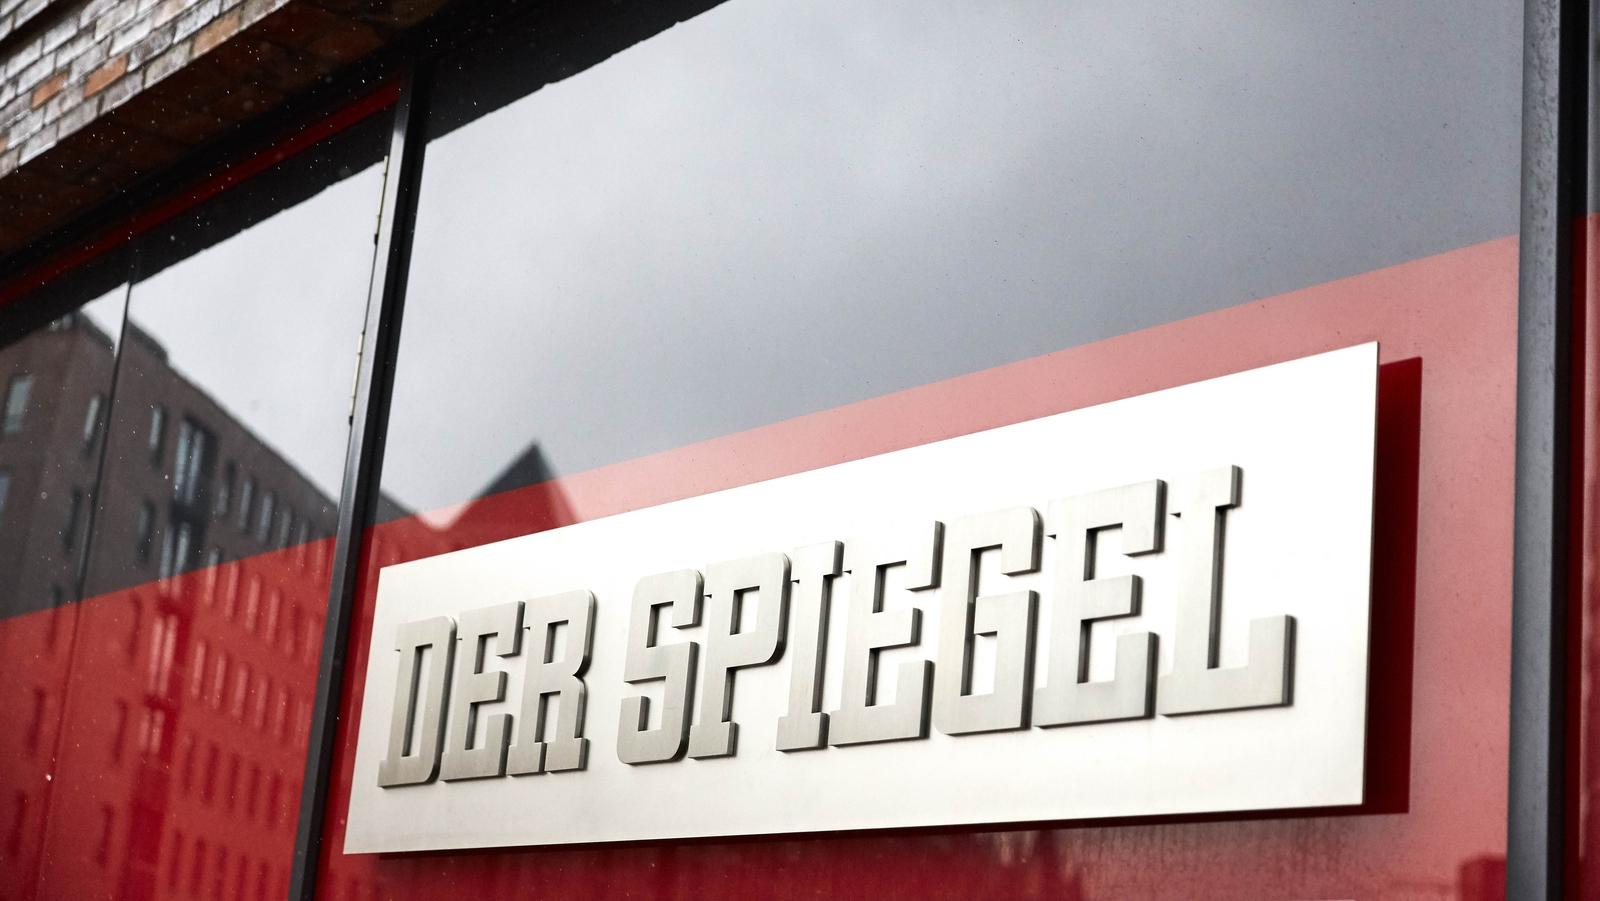 Der spiegel journalist 39 faked stories 39 for years for Journalist spiegel